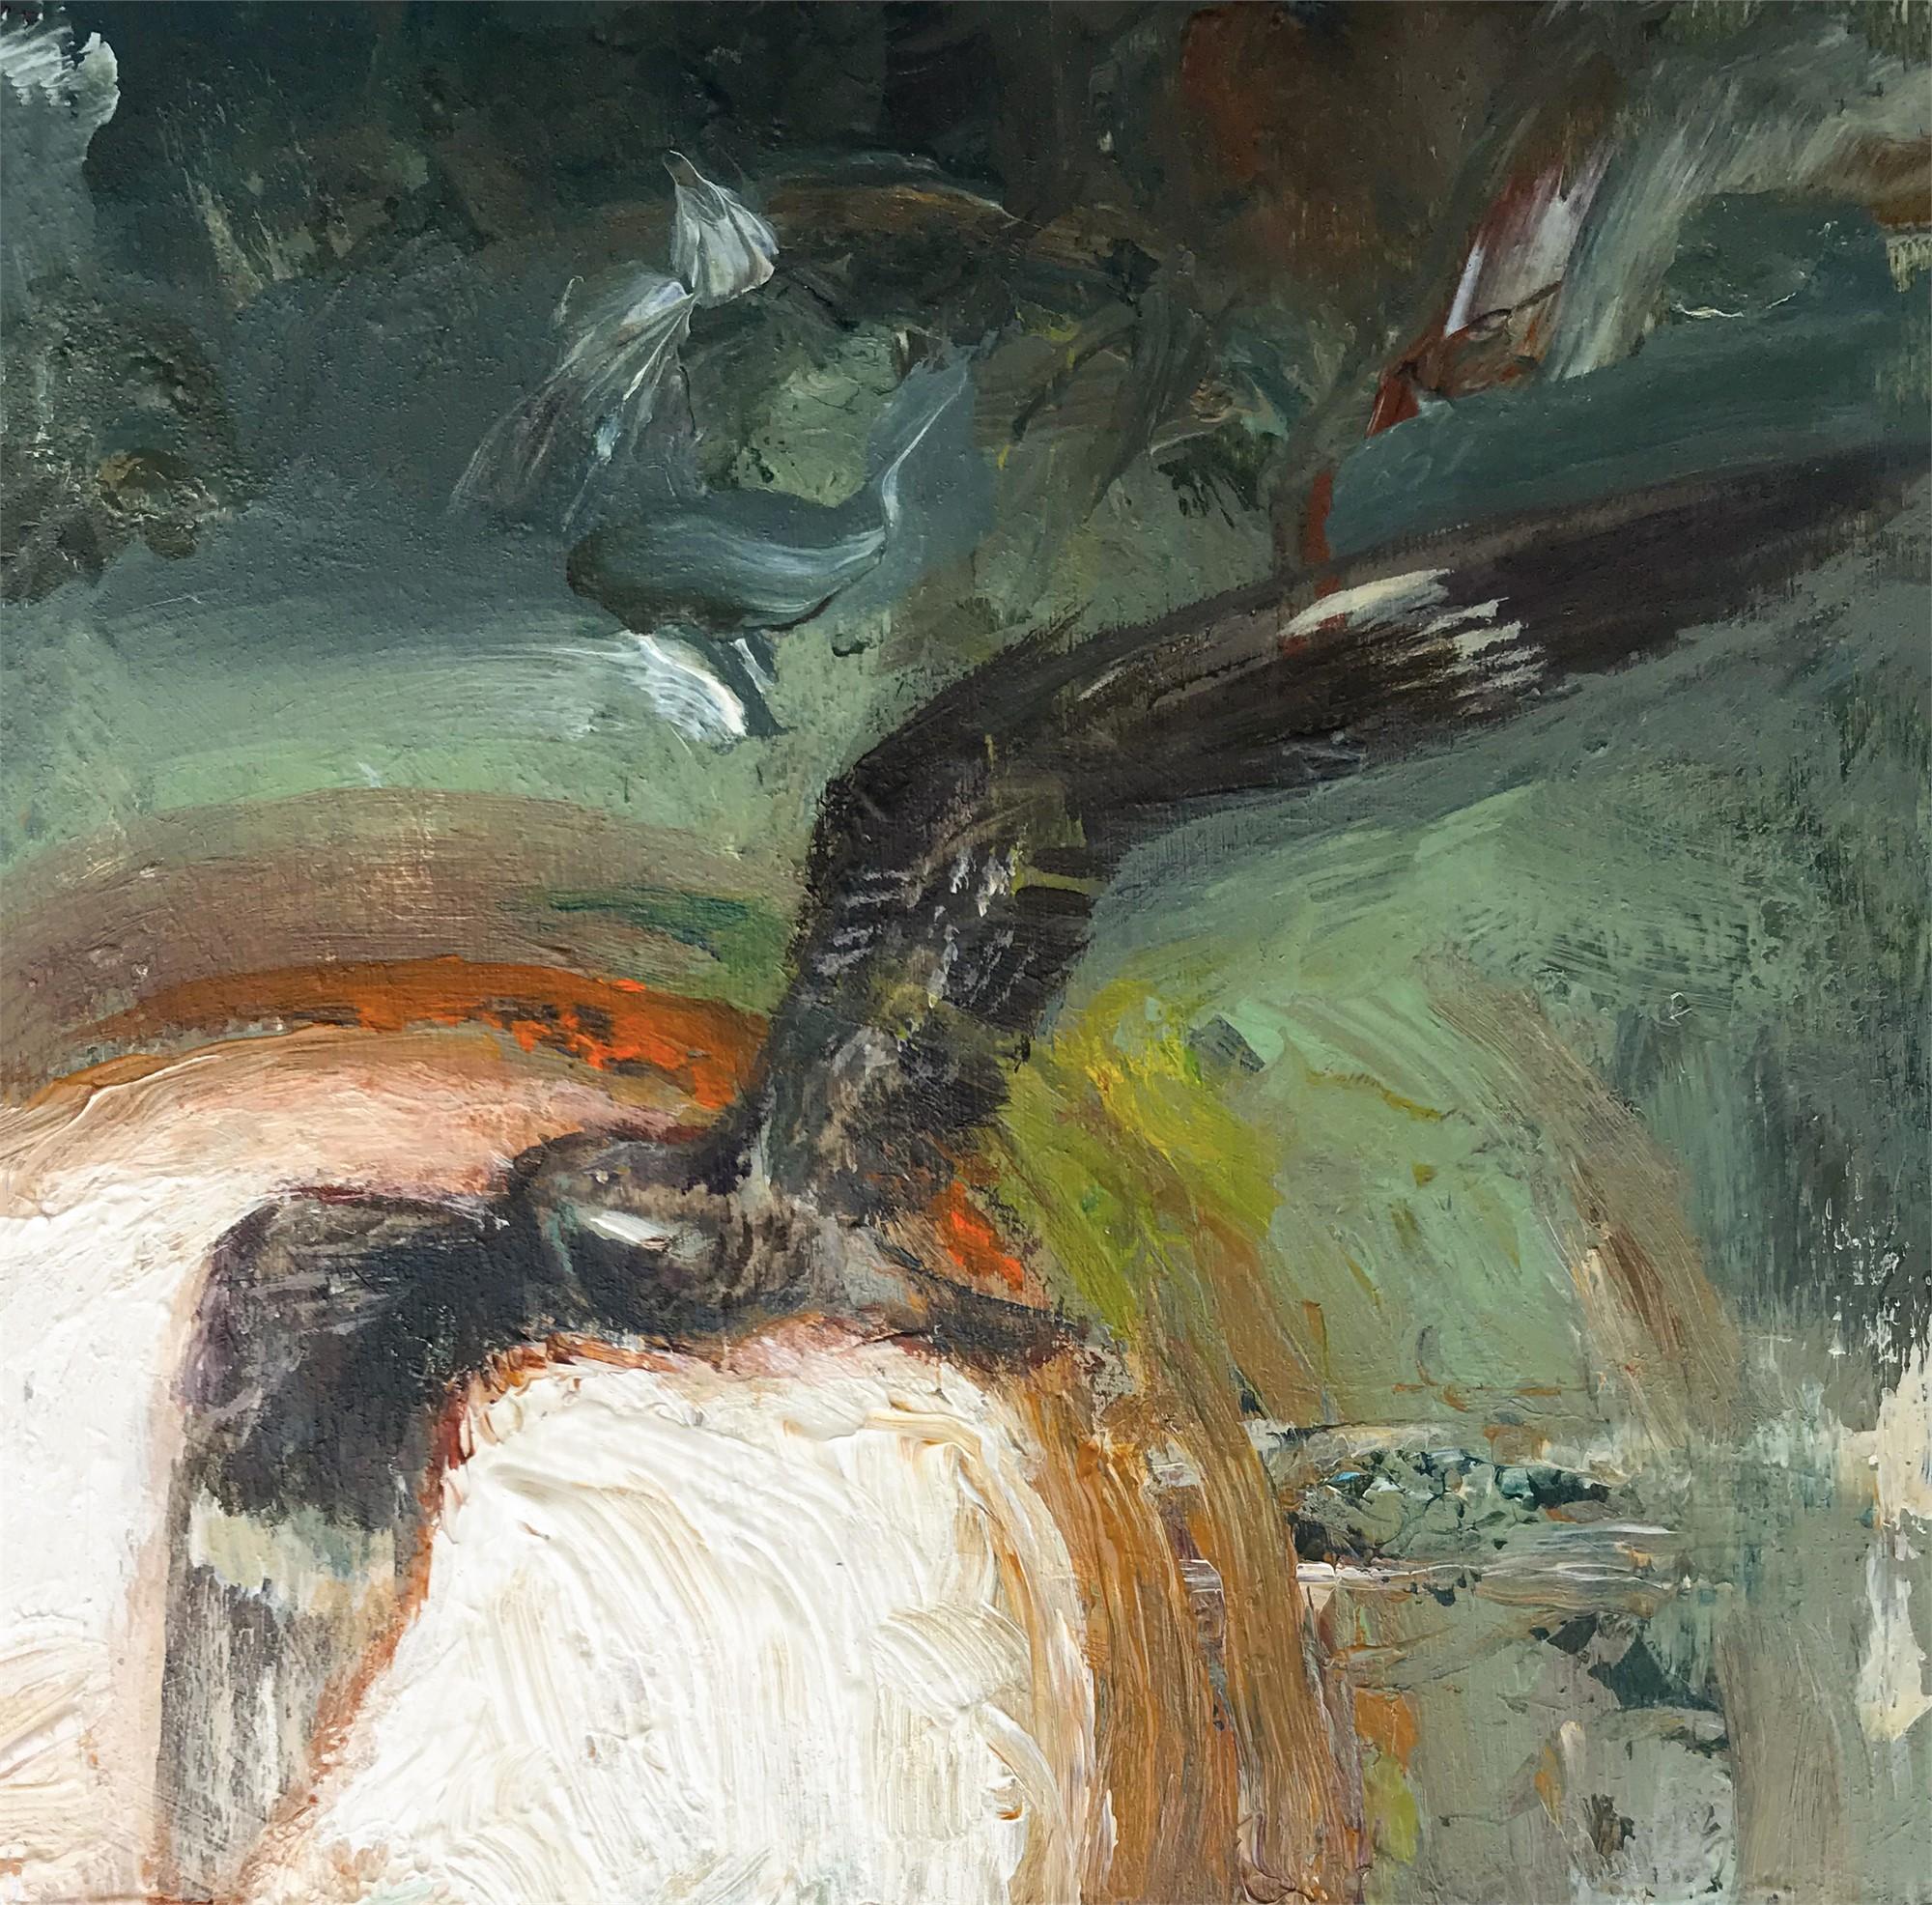 Nightjar by Adam Burke